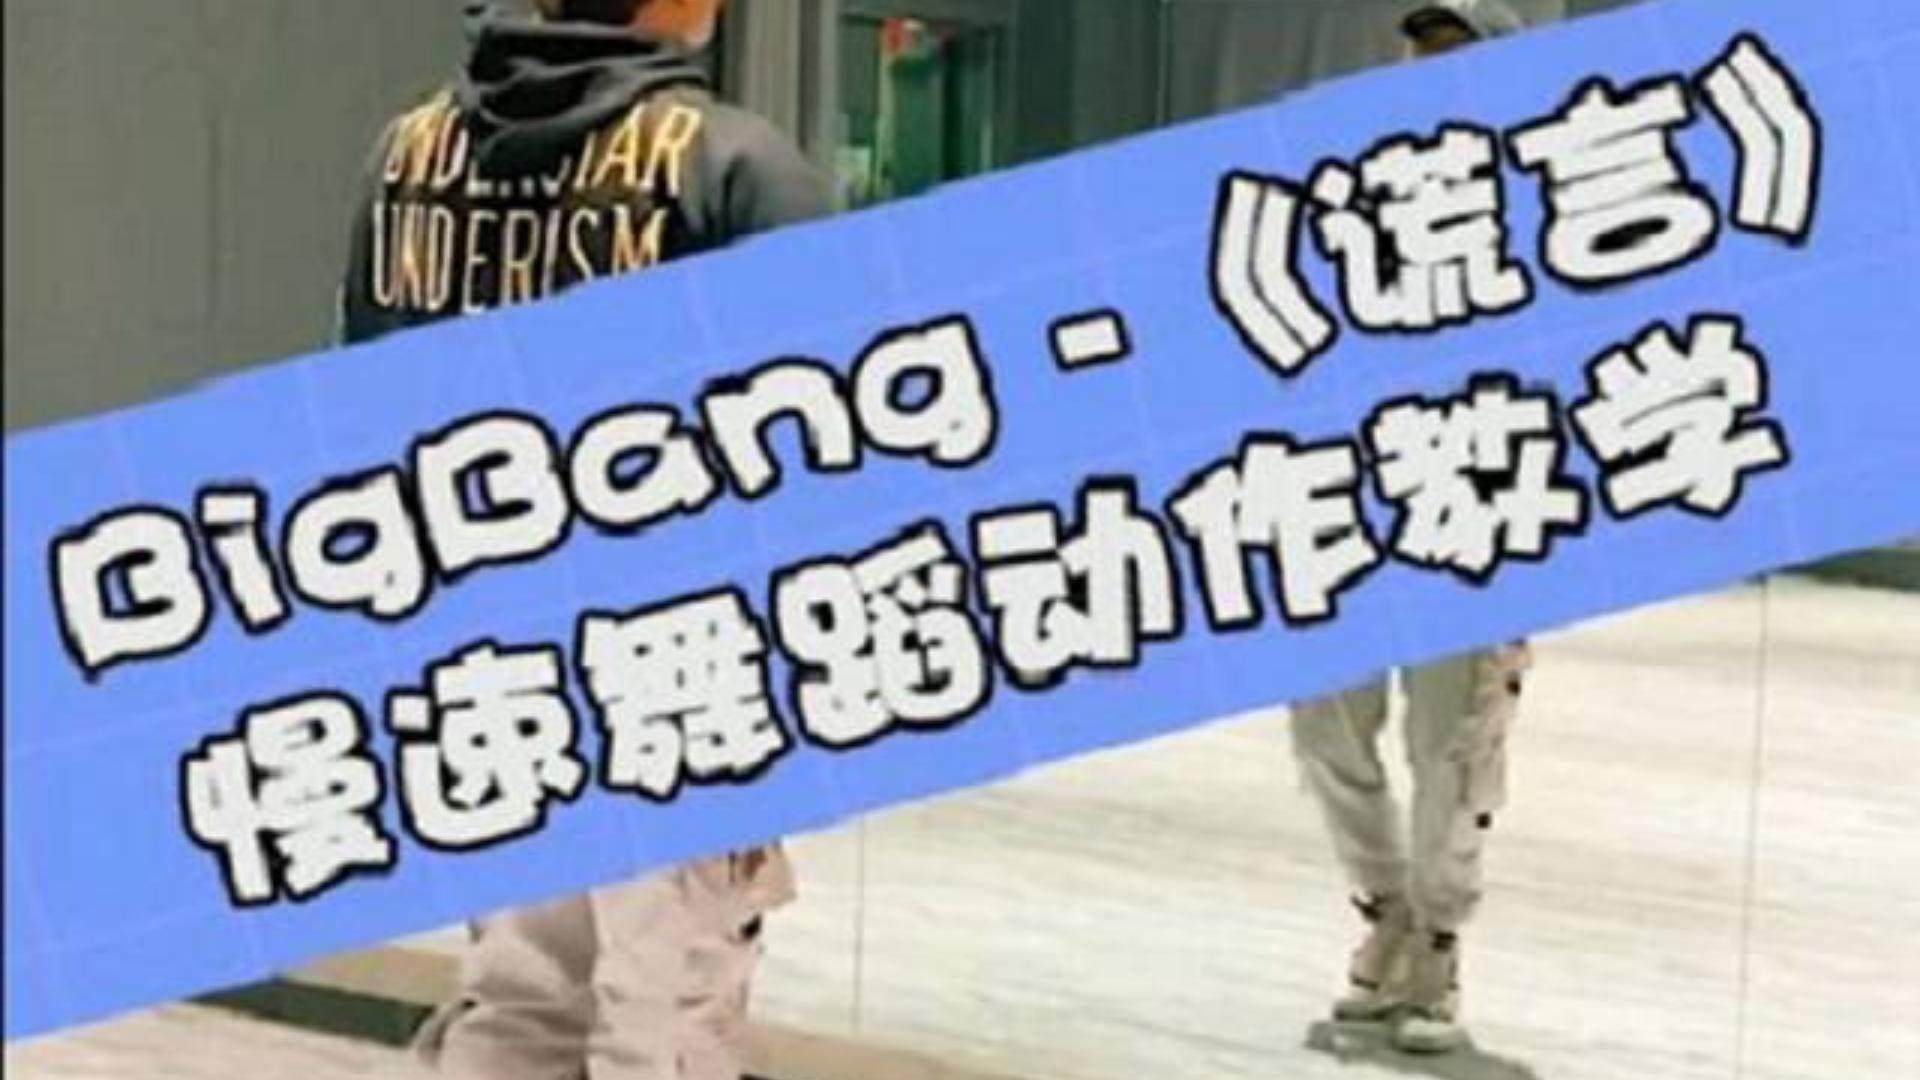 BigBang《谎言》慢速舞蹈动作教学,潮酷十足【口袋教学】